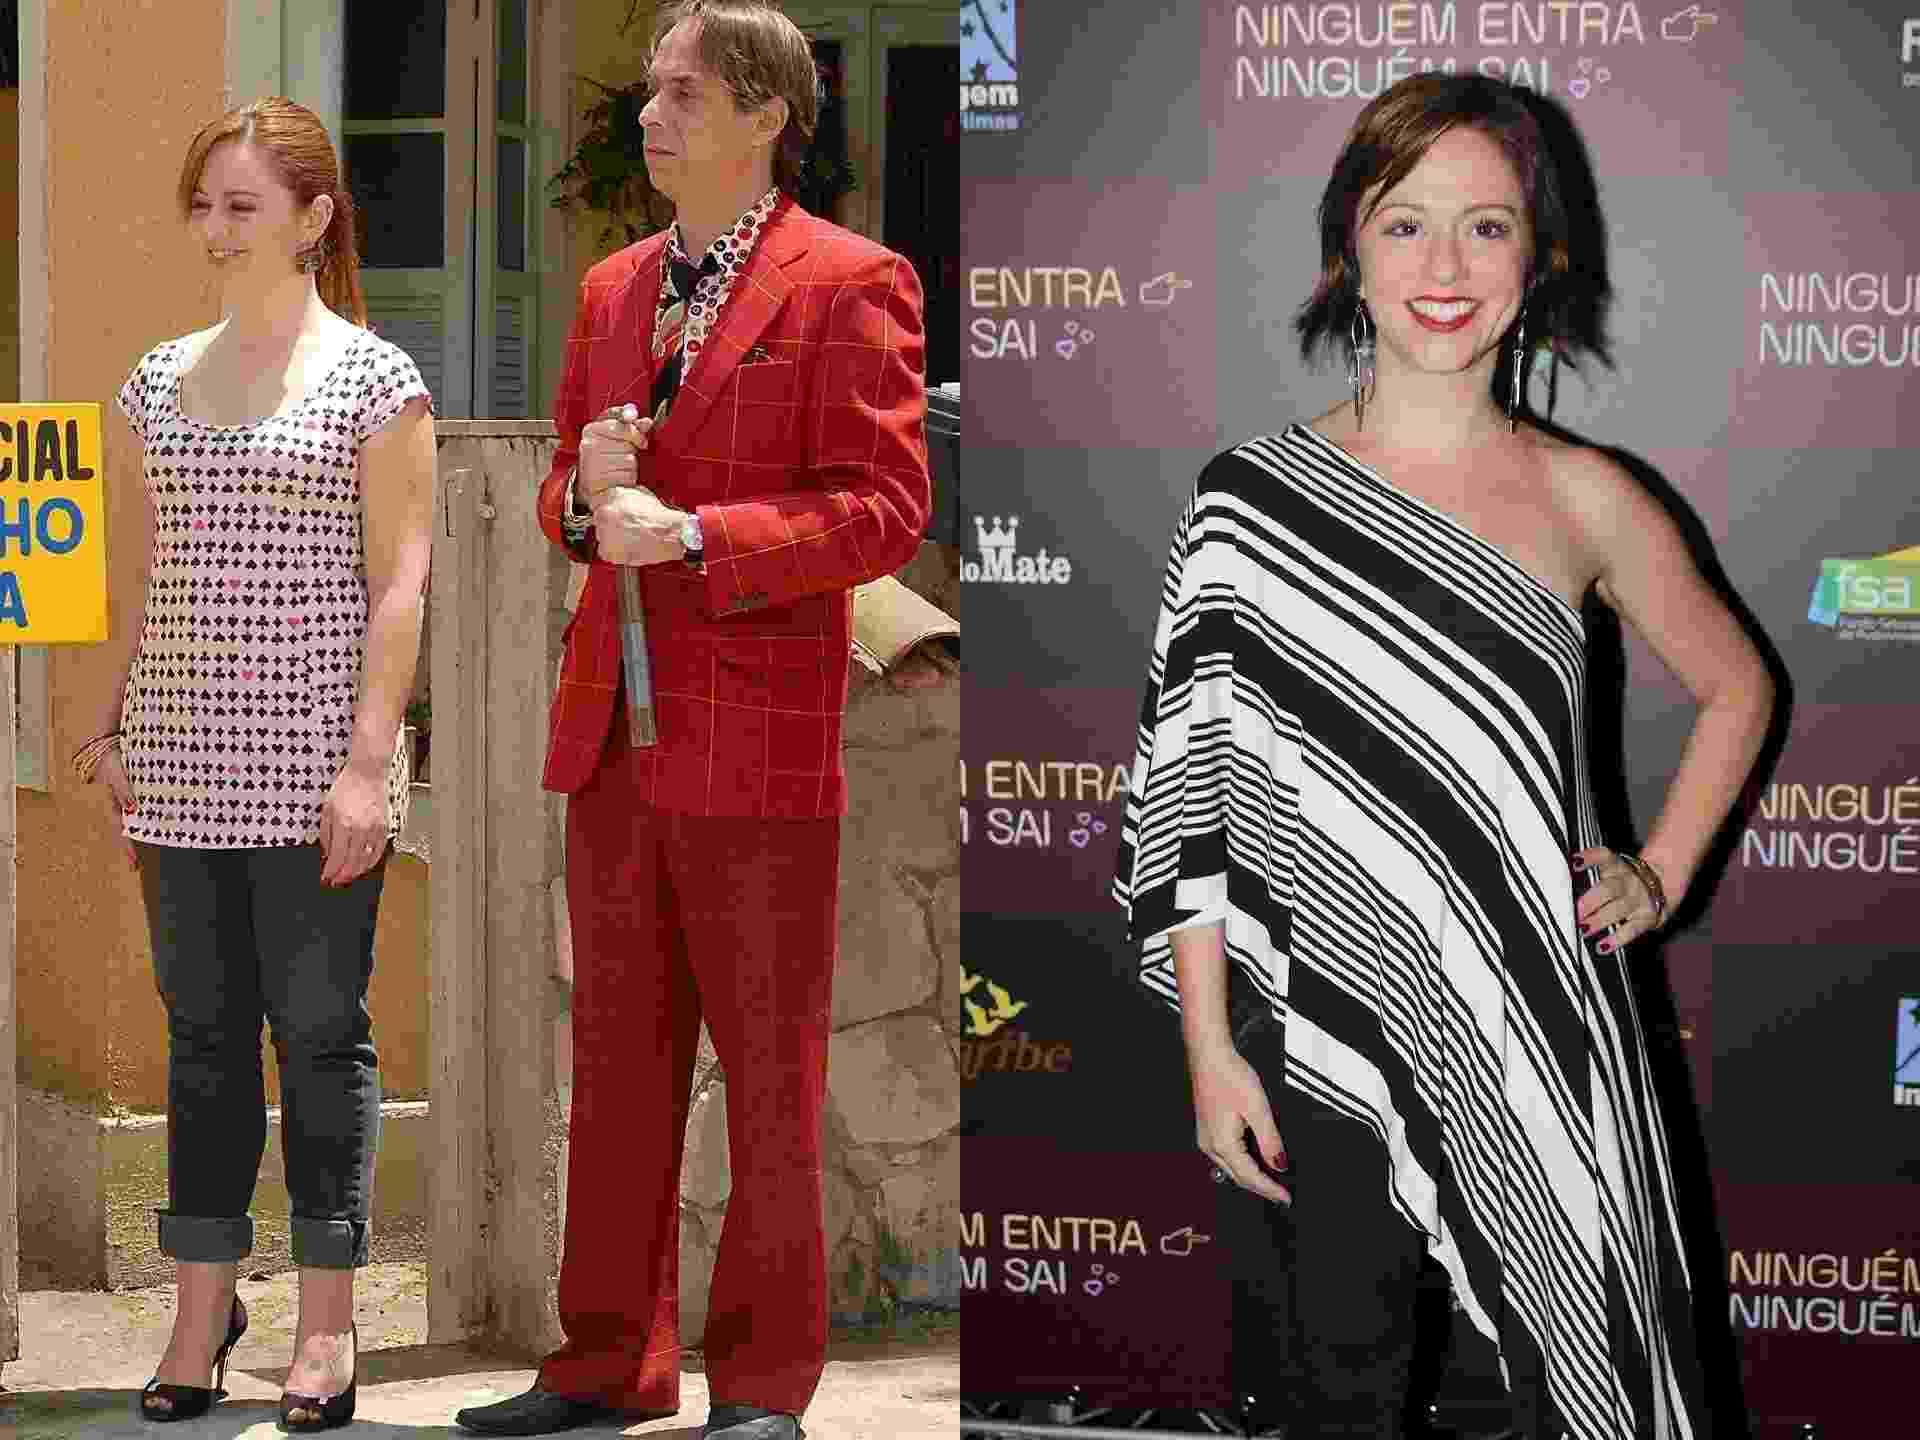 Antes e depois Guta Stresser - Imprensa/Globo/AgNews